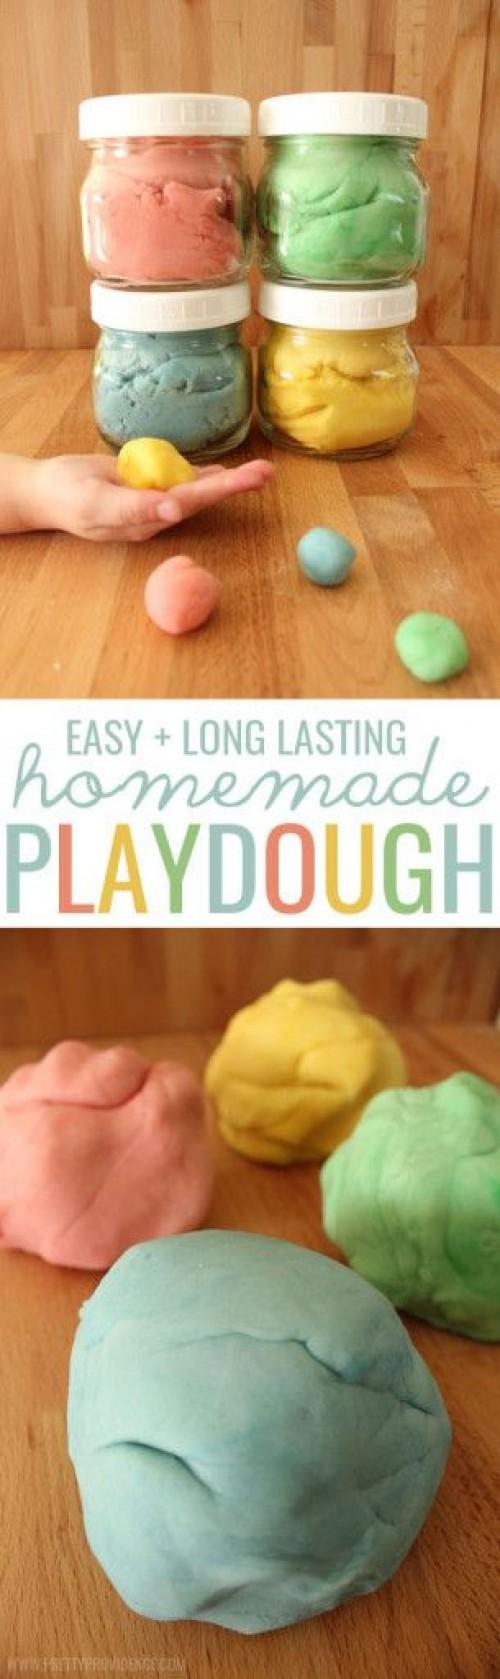 Homemade-Playdough